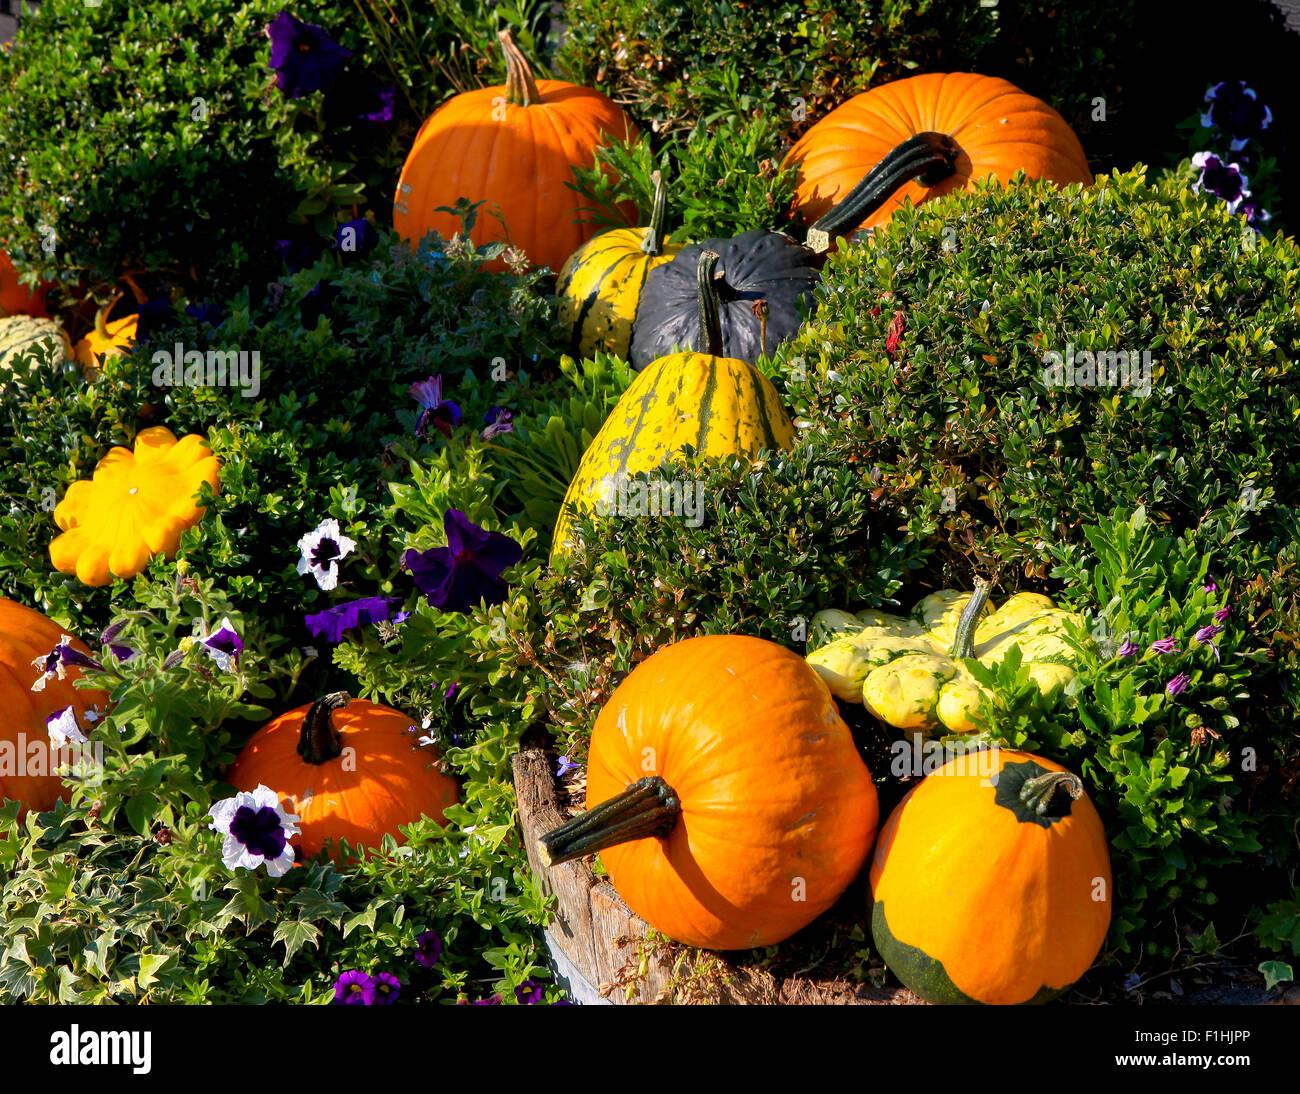 Pumpkins and flowers garden scene - Stock Image